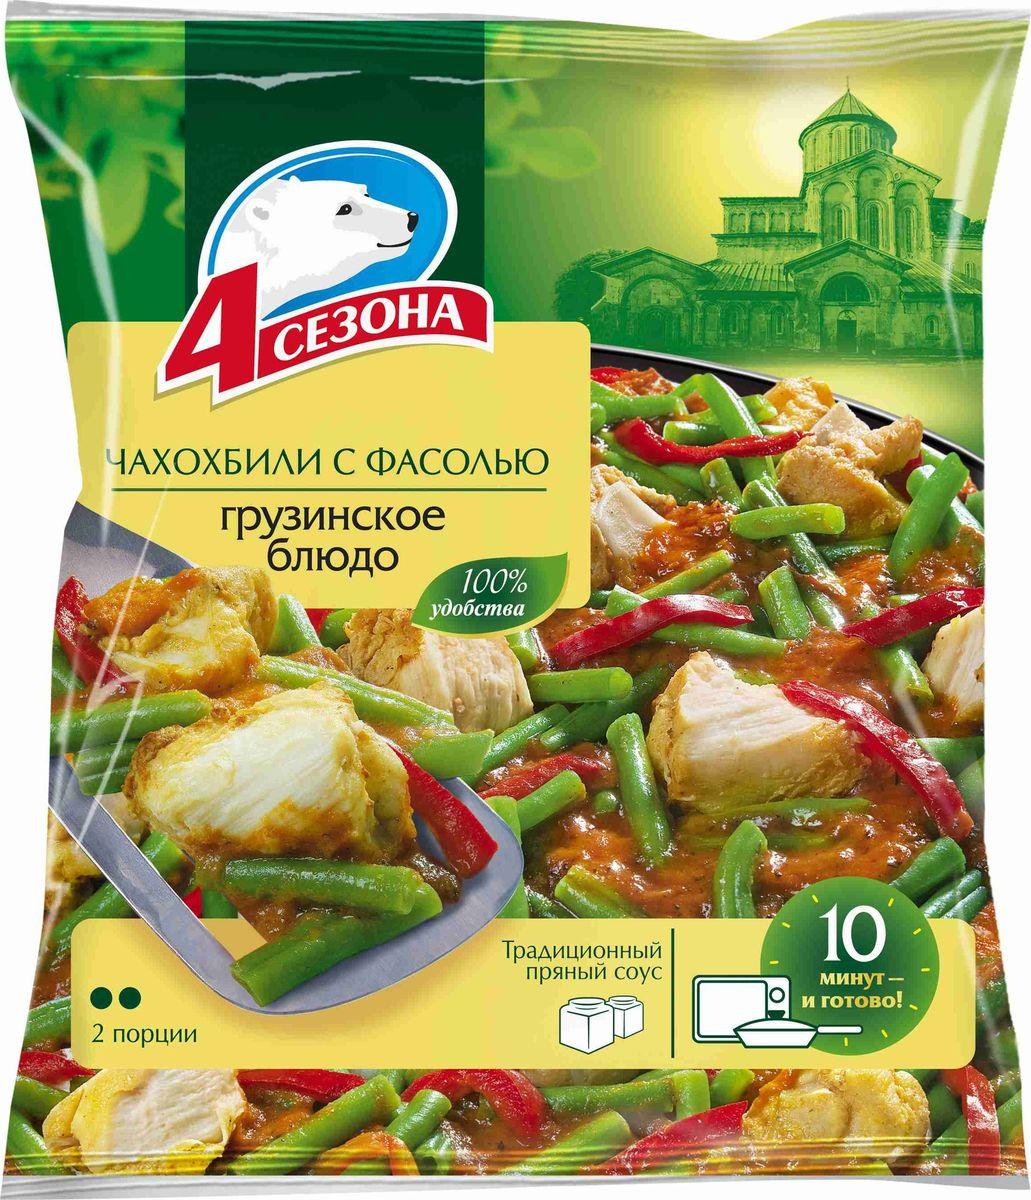 4 Сезона Чахохбили с фасолью, 600 г63000008Продукт сбалансирован и полностью готов к употреблению. Приготовление сочных и ароматных блюд традиционной грузинской кухни еще никогда не было таким простым. Чтобы насладиться вкусным и полезным ужином, просто возьмите глубокую сковородку и высыпьте на нее быстрозамороженные овощи с мясом цыпленка на кости. Добавьте чуть-чуть воды и протушите чахохбили с фасолью в течение 10 минут – роскошная питательная трапеза готова. Приятного аппетита!